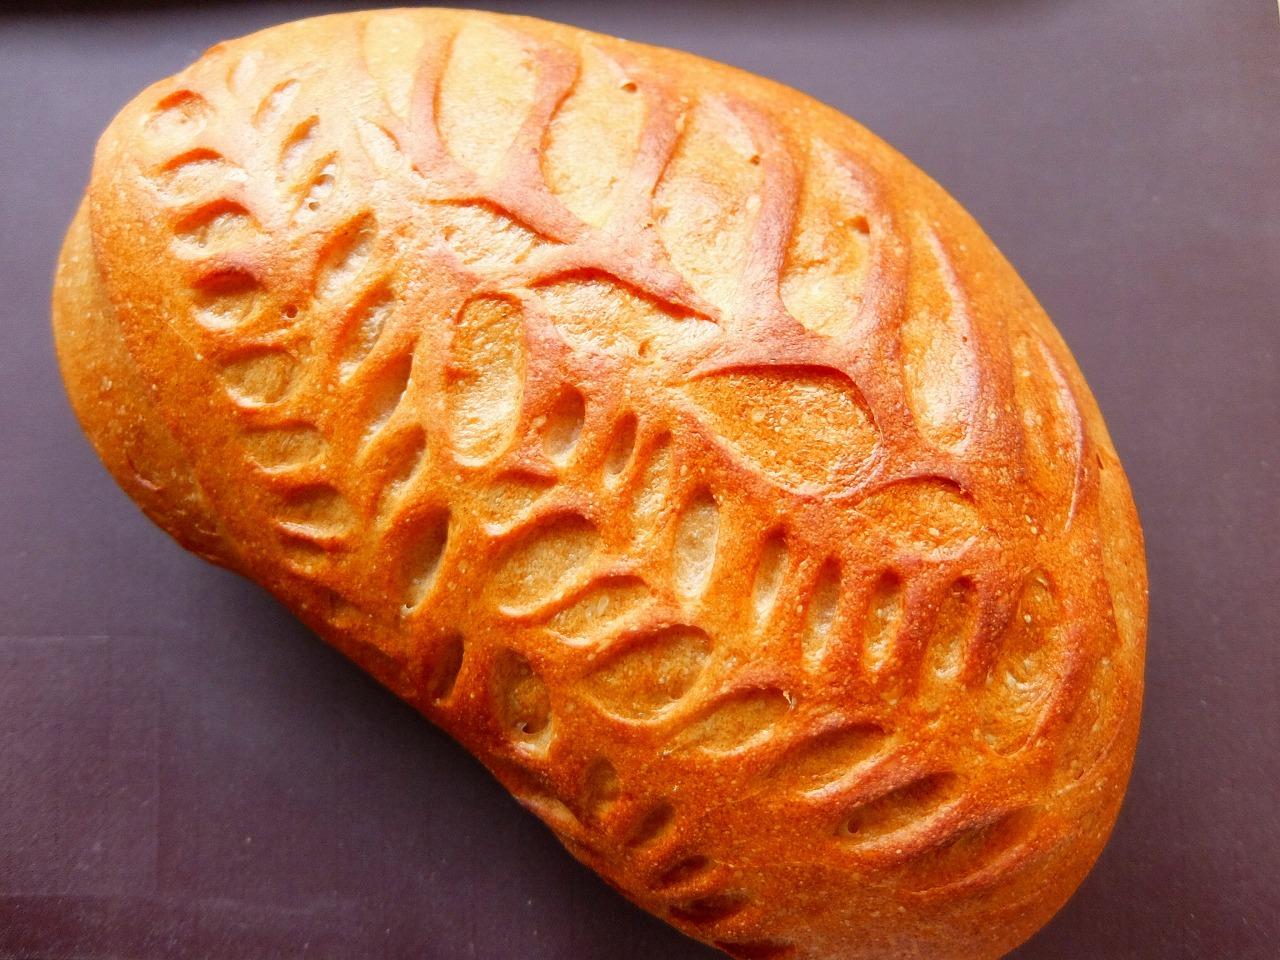 飾りクーブのパン♪_e0175443_10275951.jpg